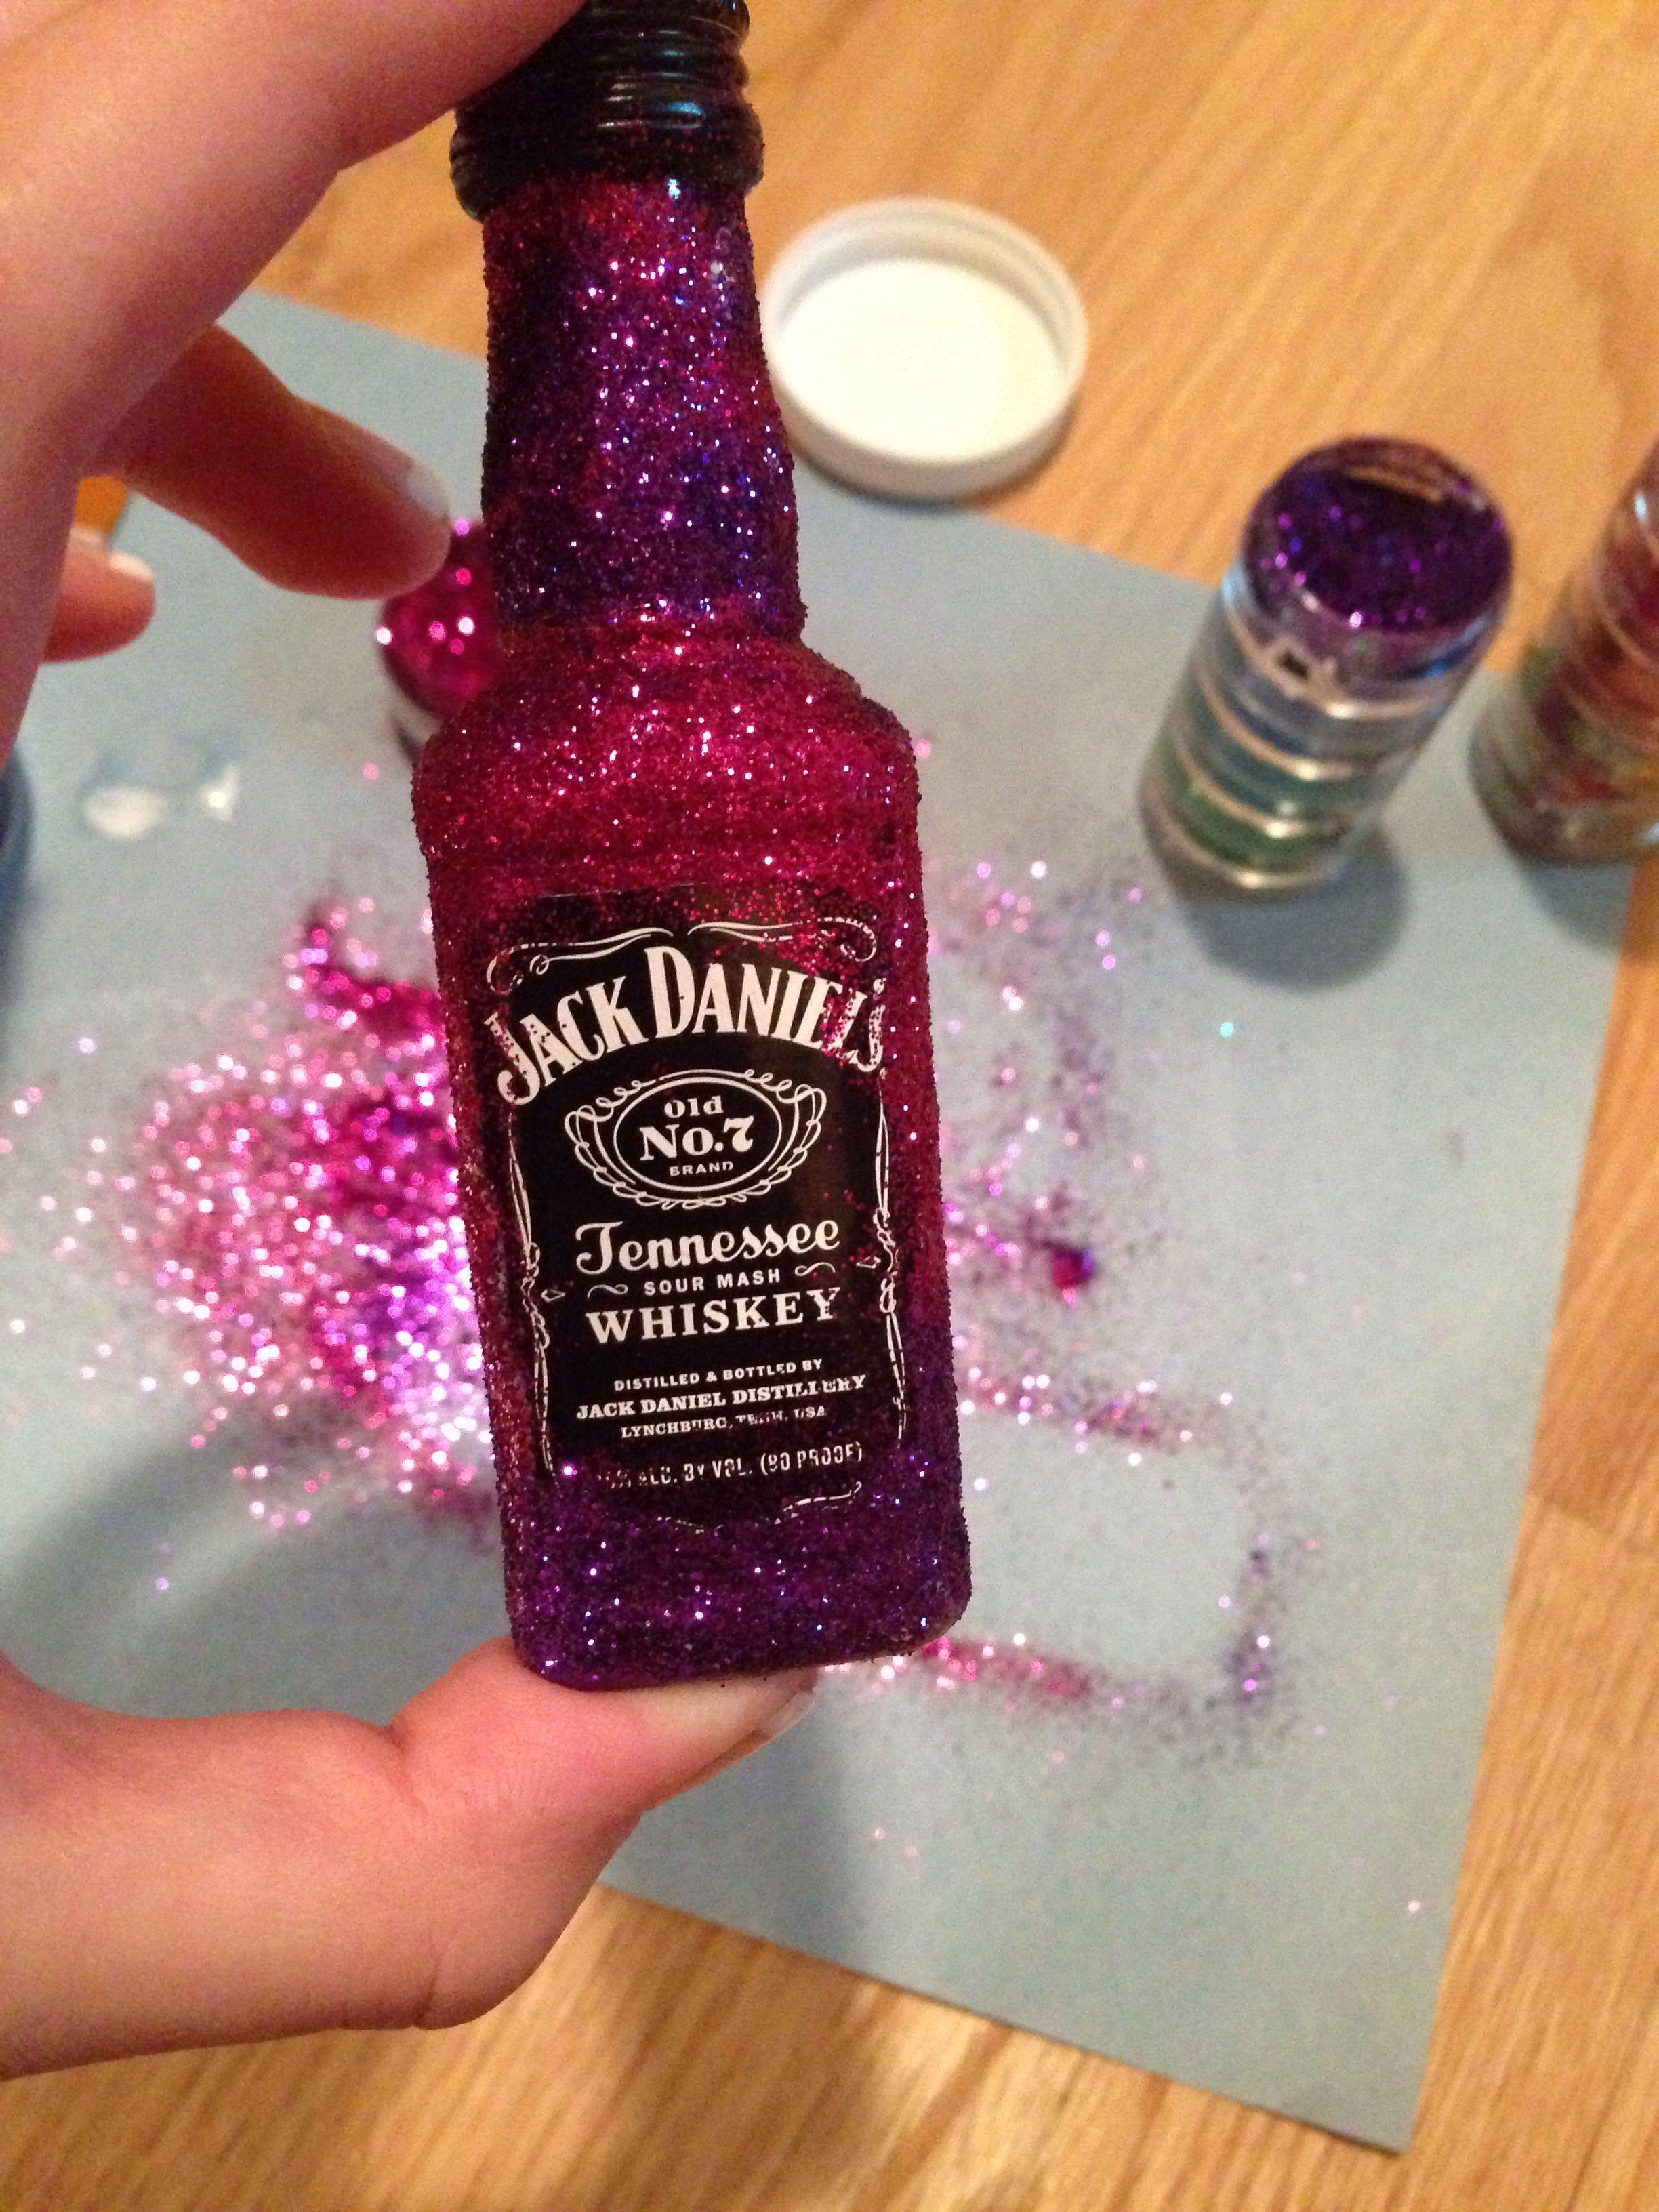 Glitter Alcohol Bottles Alcohol Bottles Glitter Bottle Bottle Crafts